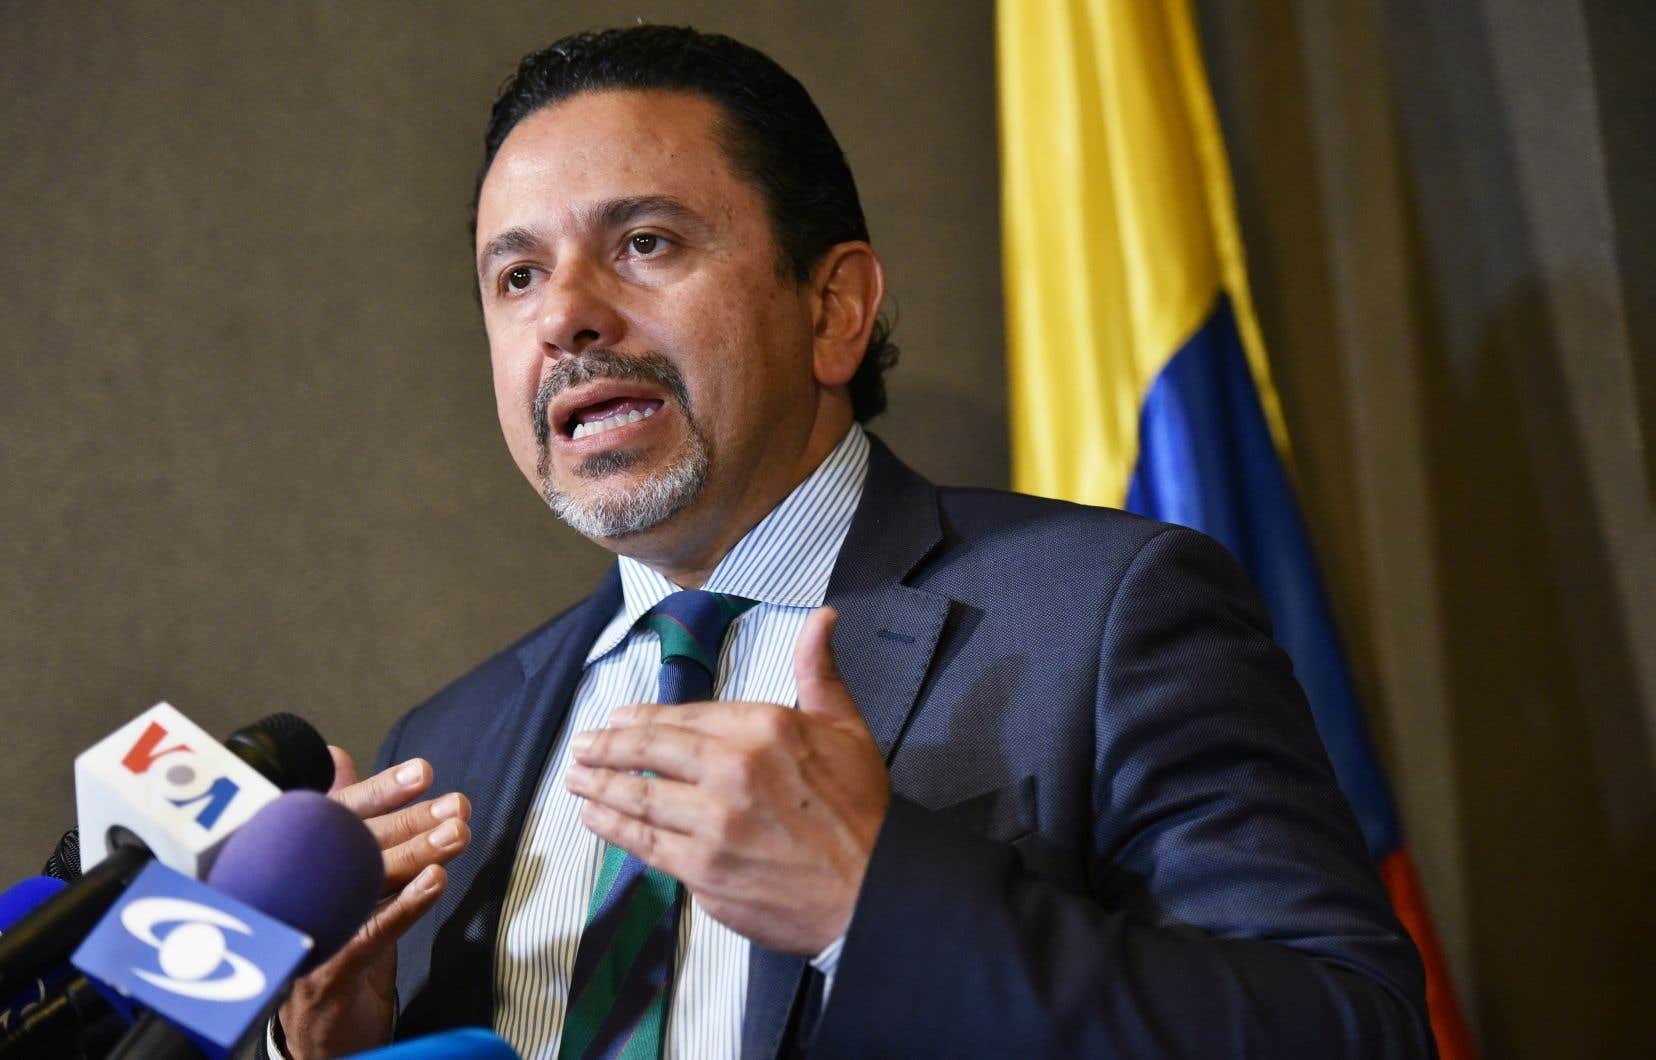 Le haut-commissaire du gouvernement colombien pour la paix, Miguel Ceballos, réagissant en point de presse jeudi à l'annonce d'un groupe de dissidents FARC